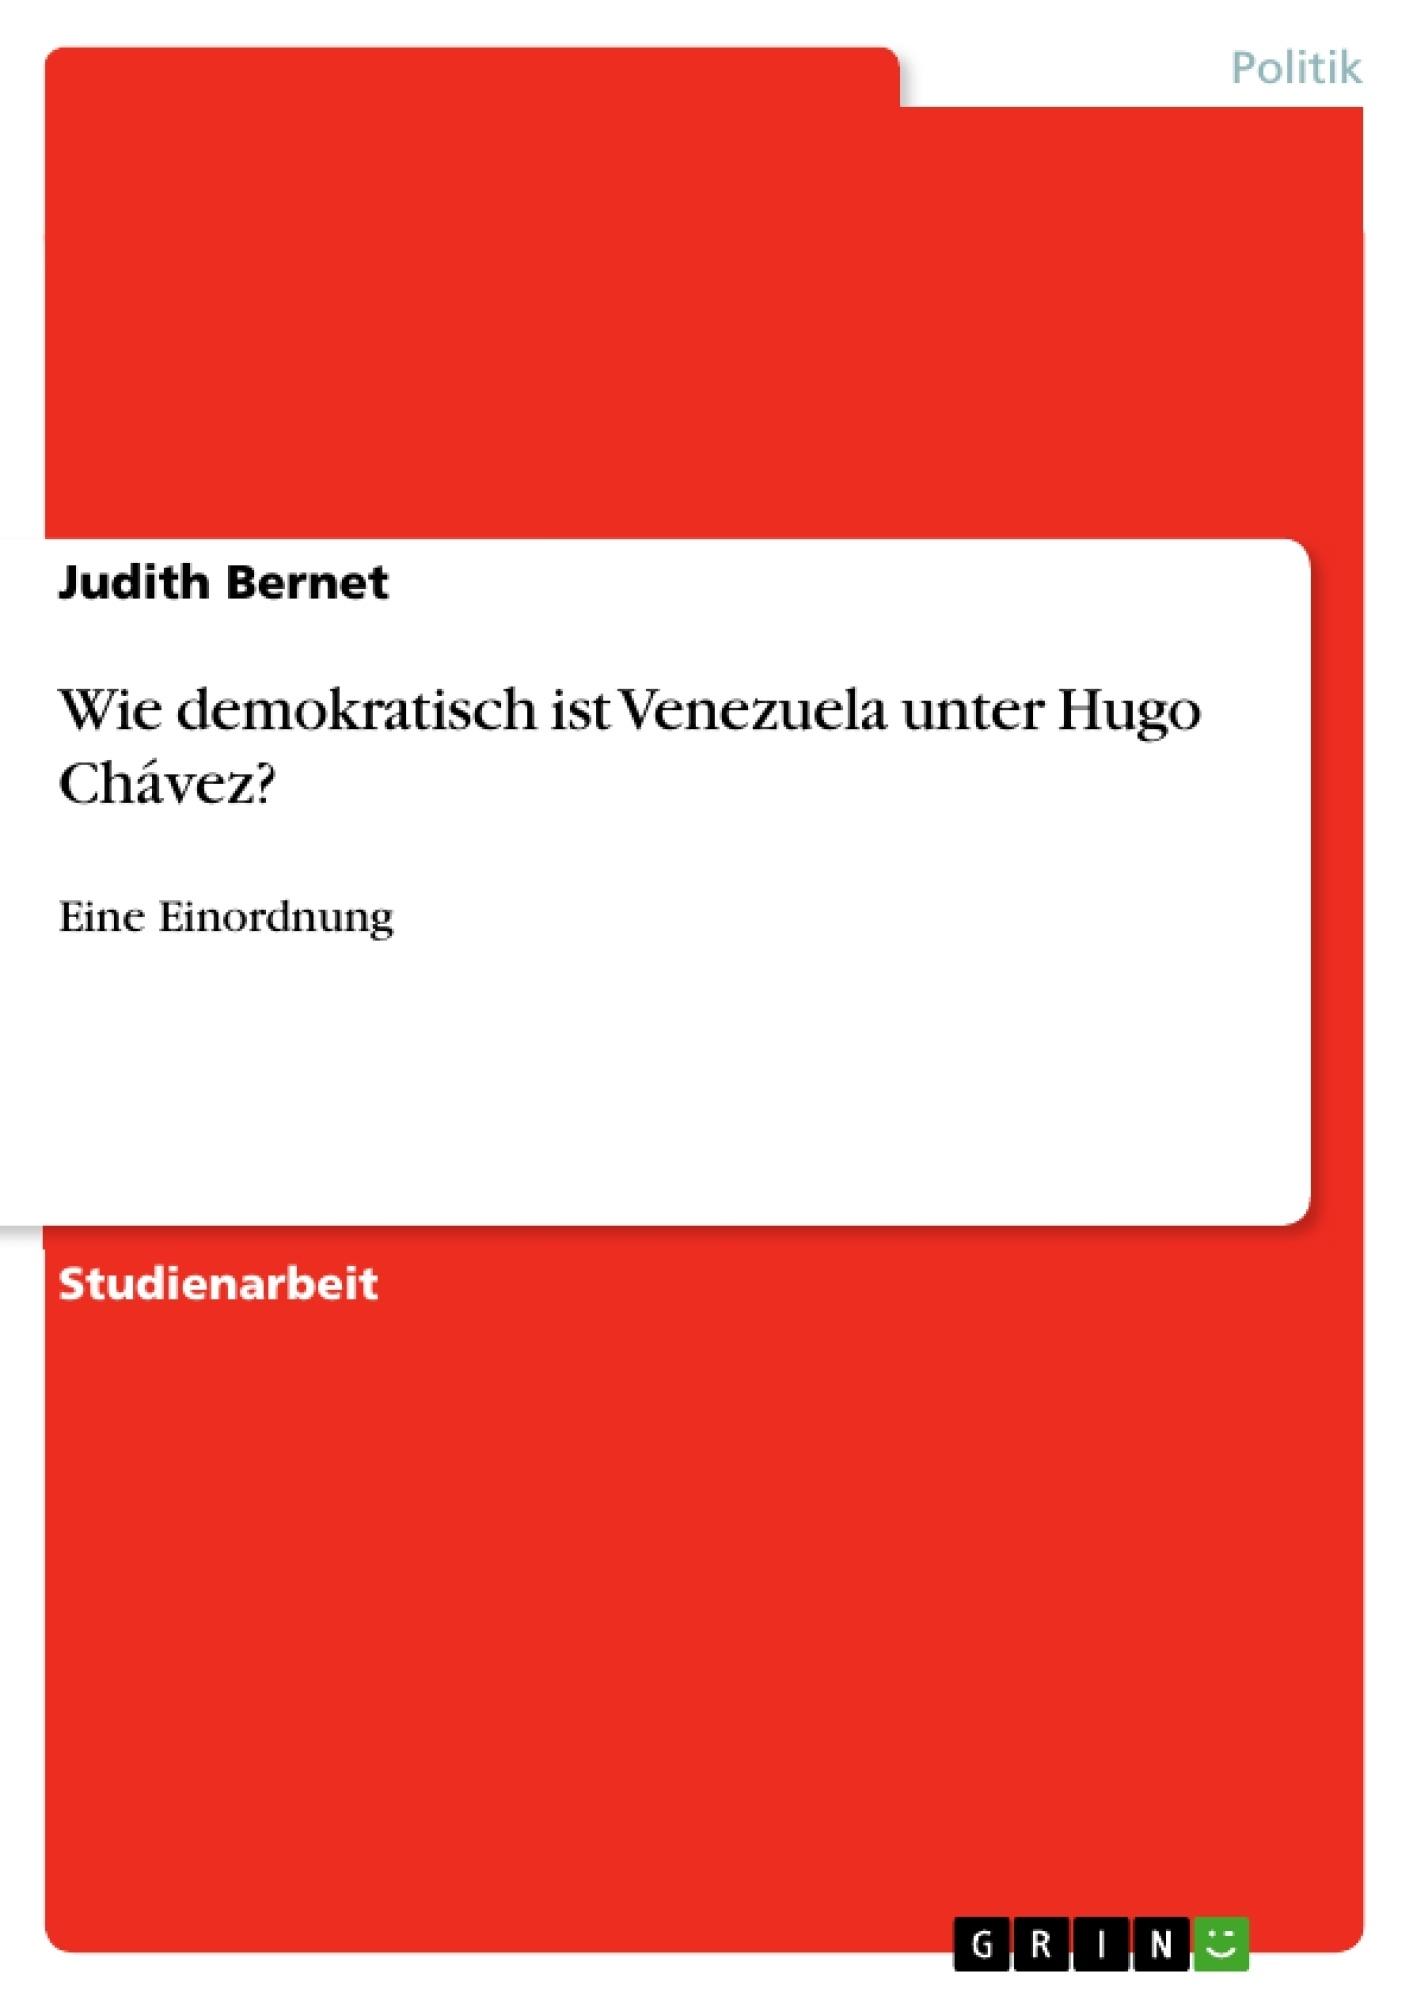 Titel: Wie demokratisch ist Venezuela unter Hugo Chávez?